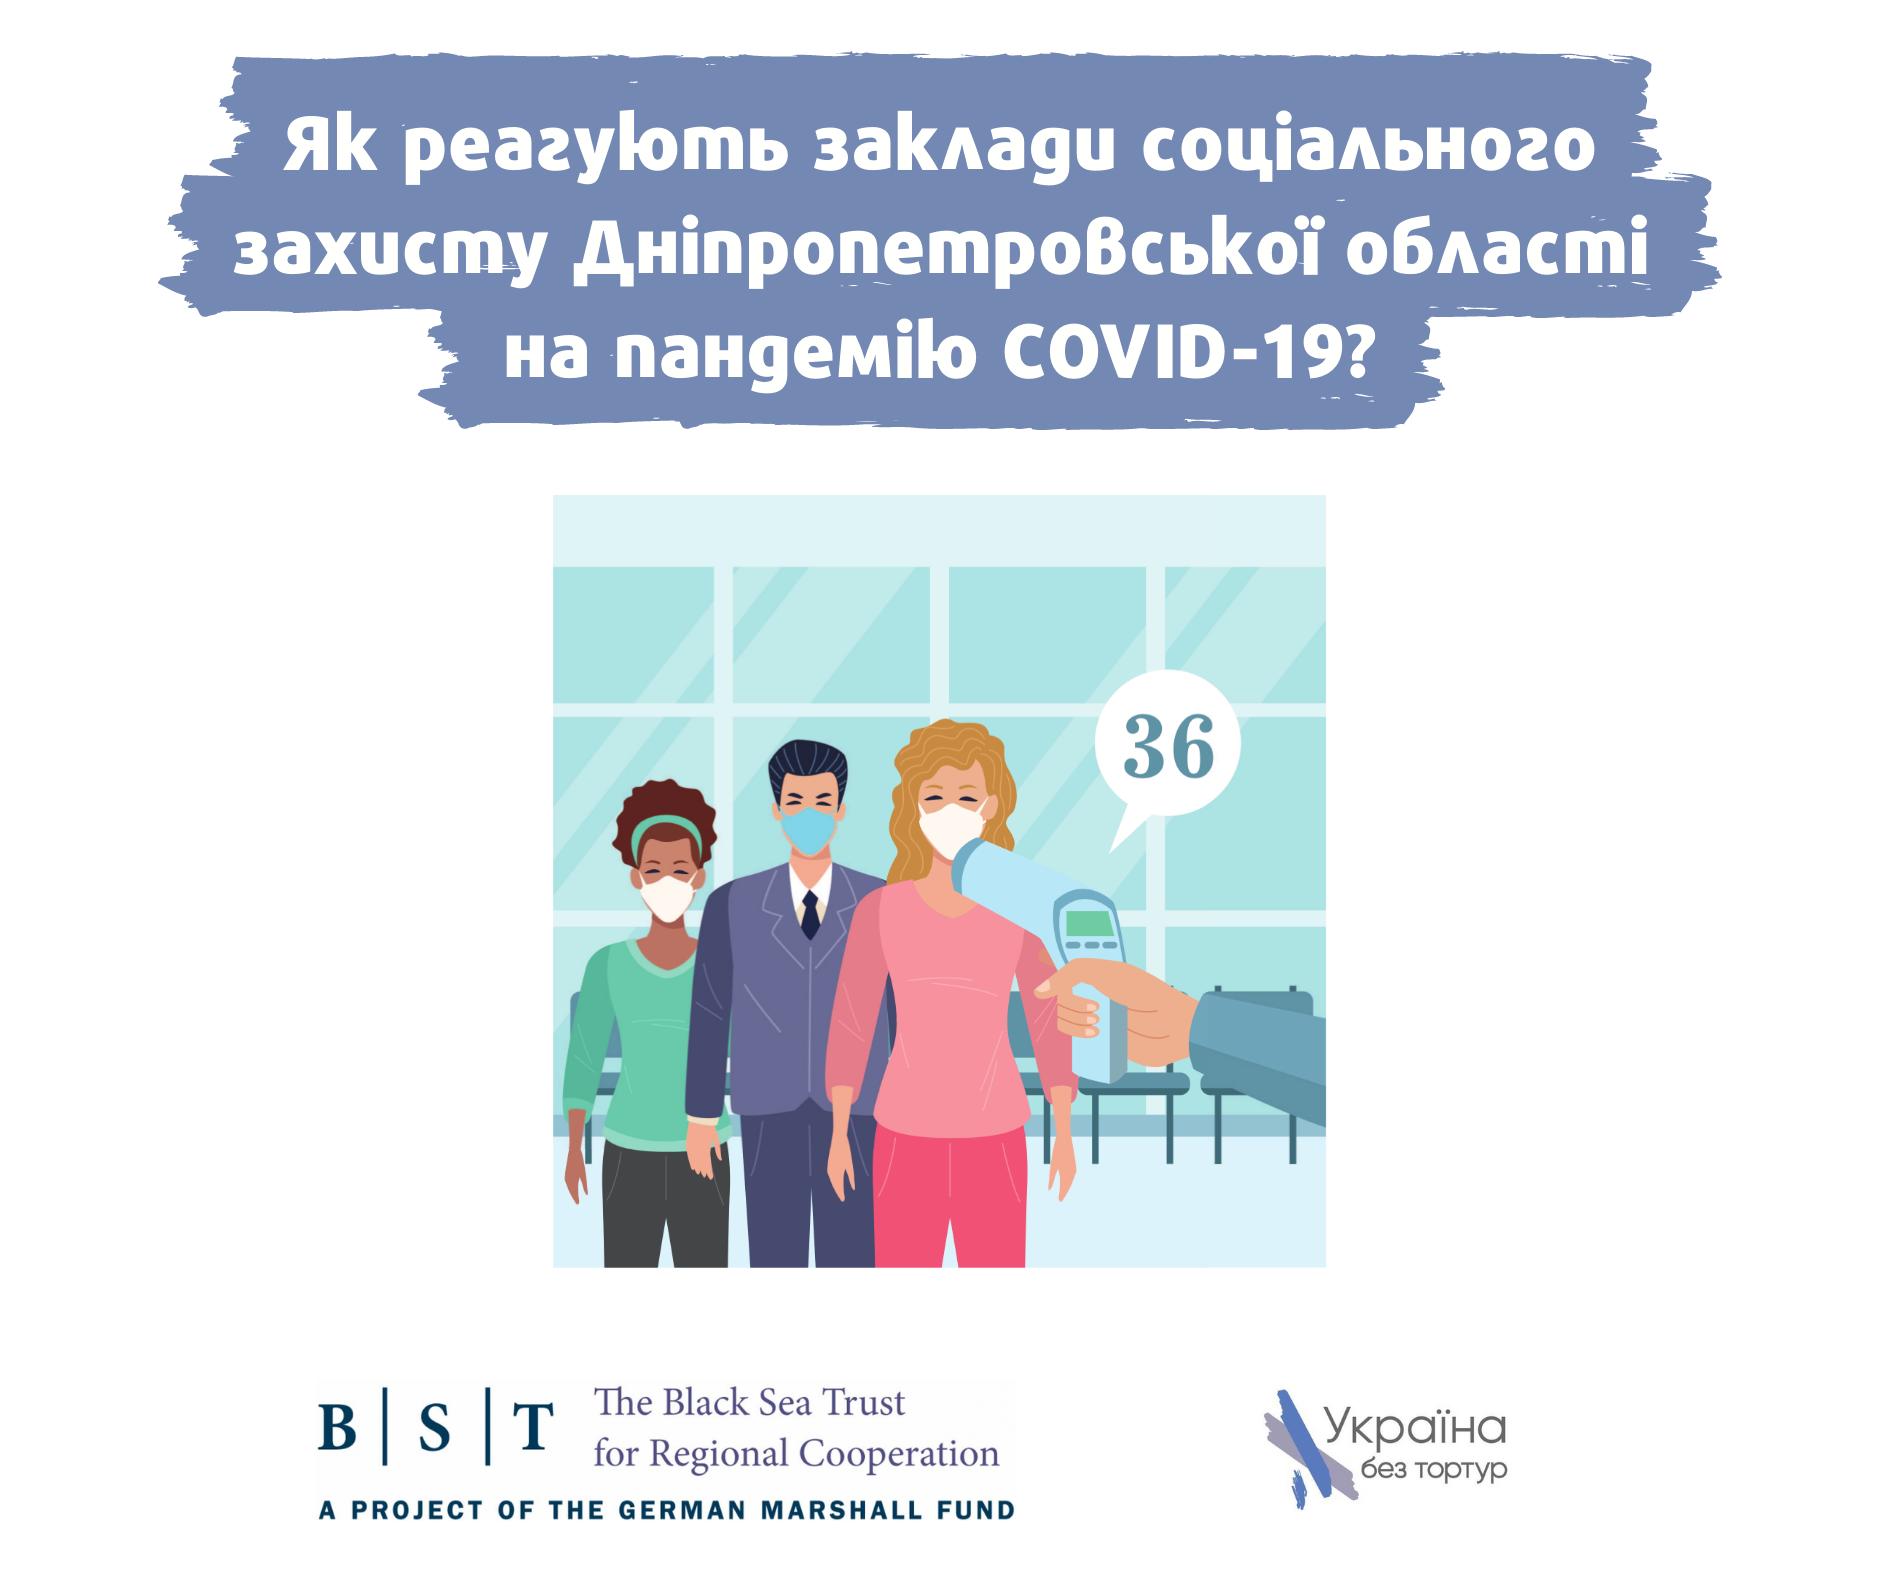 Як реагують заклади соціального захисту Дніпропетровської області на пандемію COVID-19?